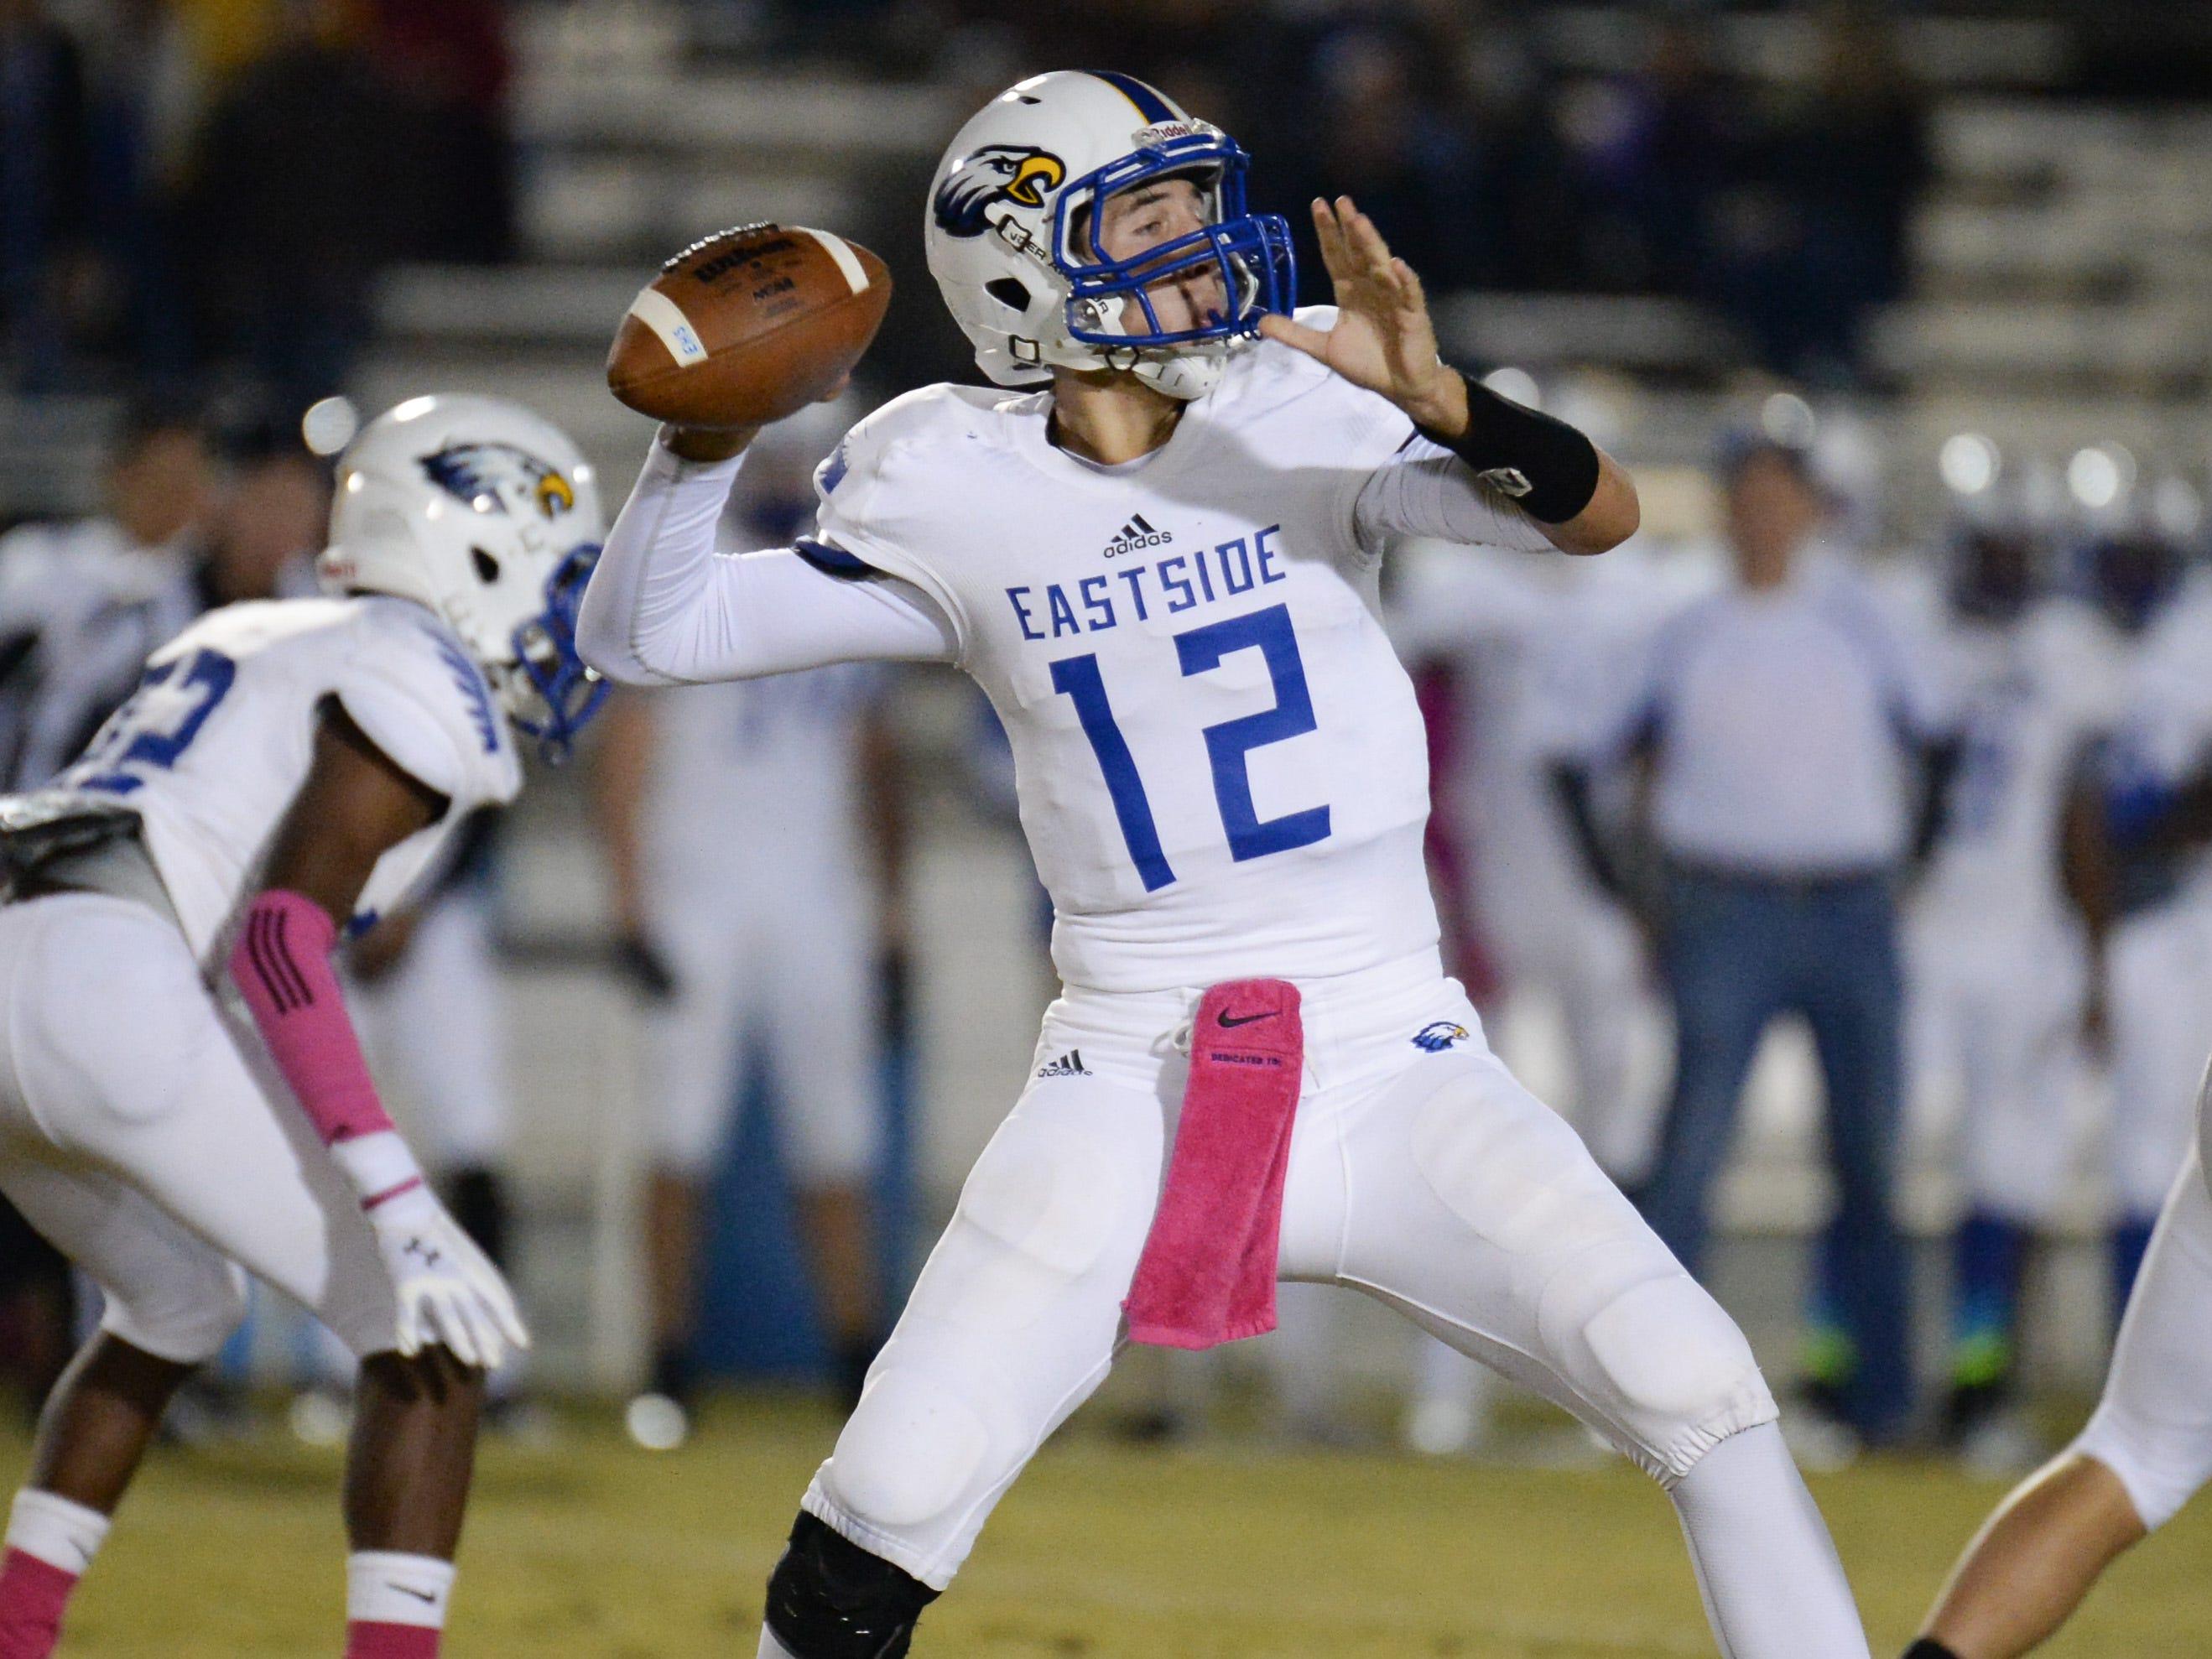 Eastside High has hired Steve Wilson as football coach.